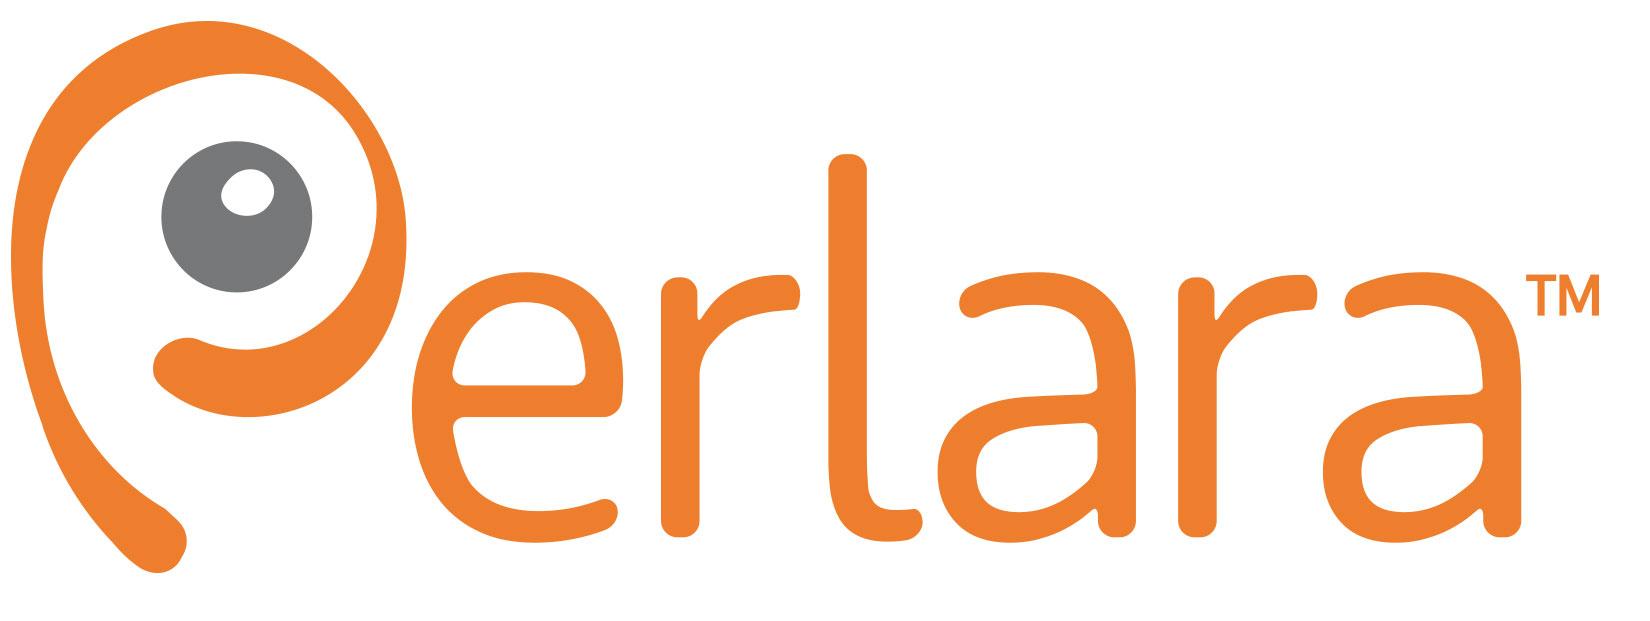 Perlara-logo-header-1650x621px-9.15.16